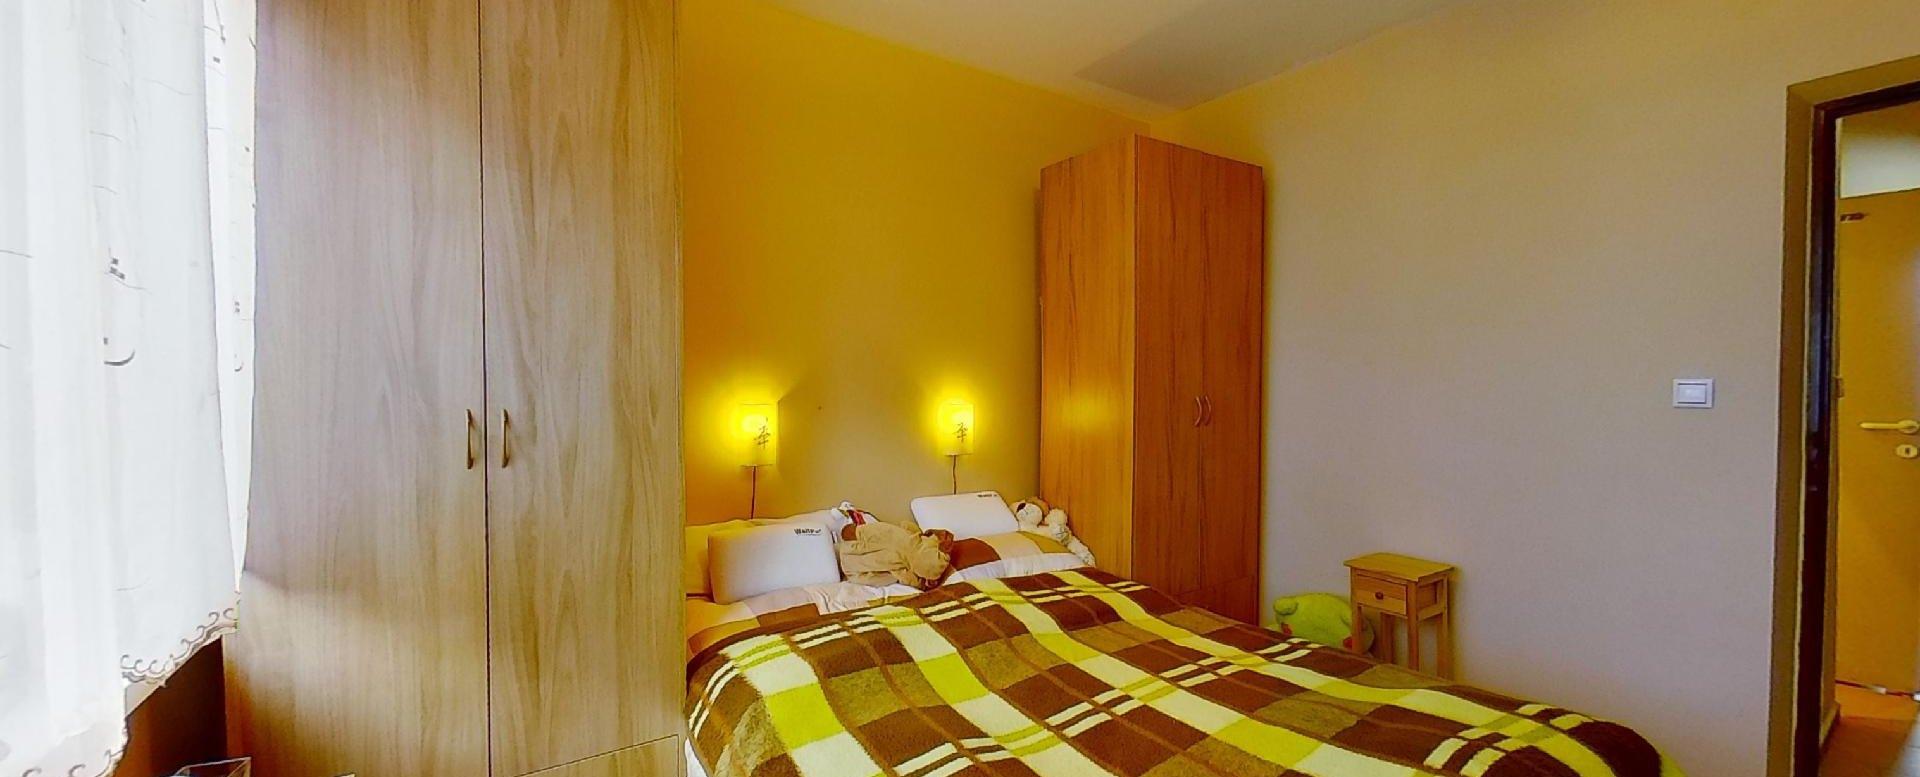 Manželská posteľ so skriňami v spálni